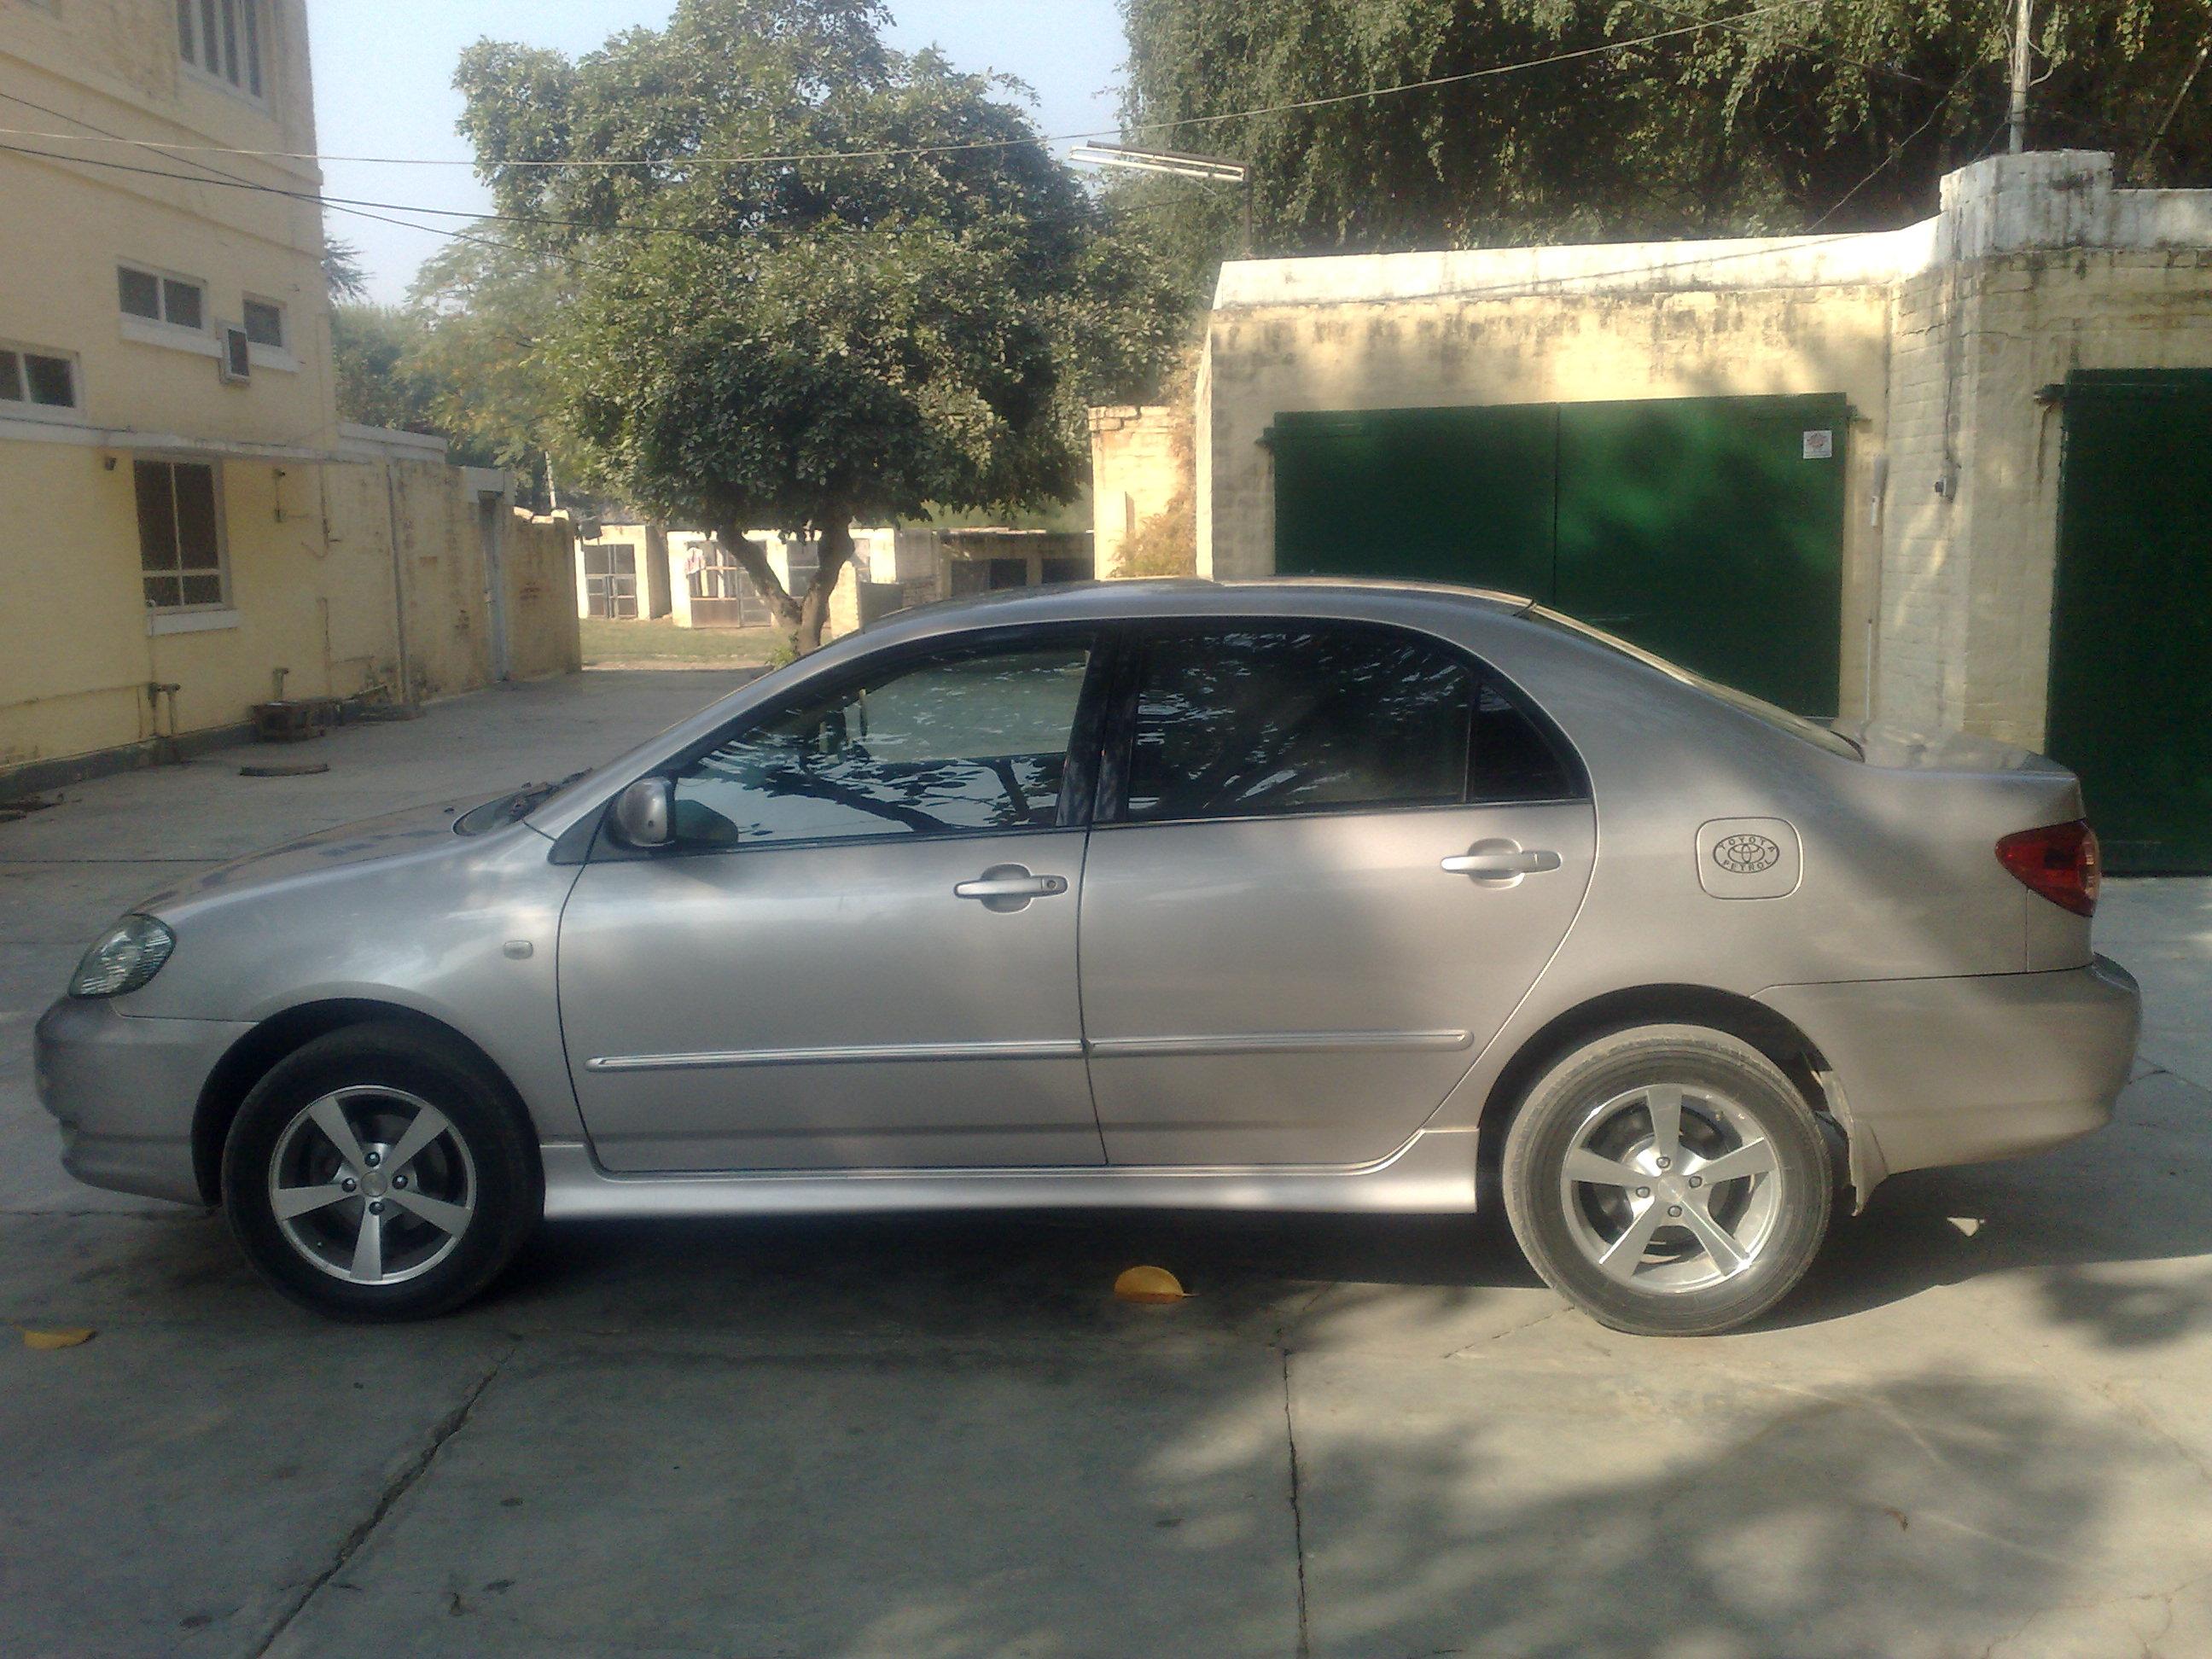 Compare Car Insurance >> Toyota Corolla 2004 of hyderhamdani92 - Member Ride 14611 ...